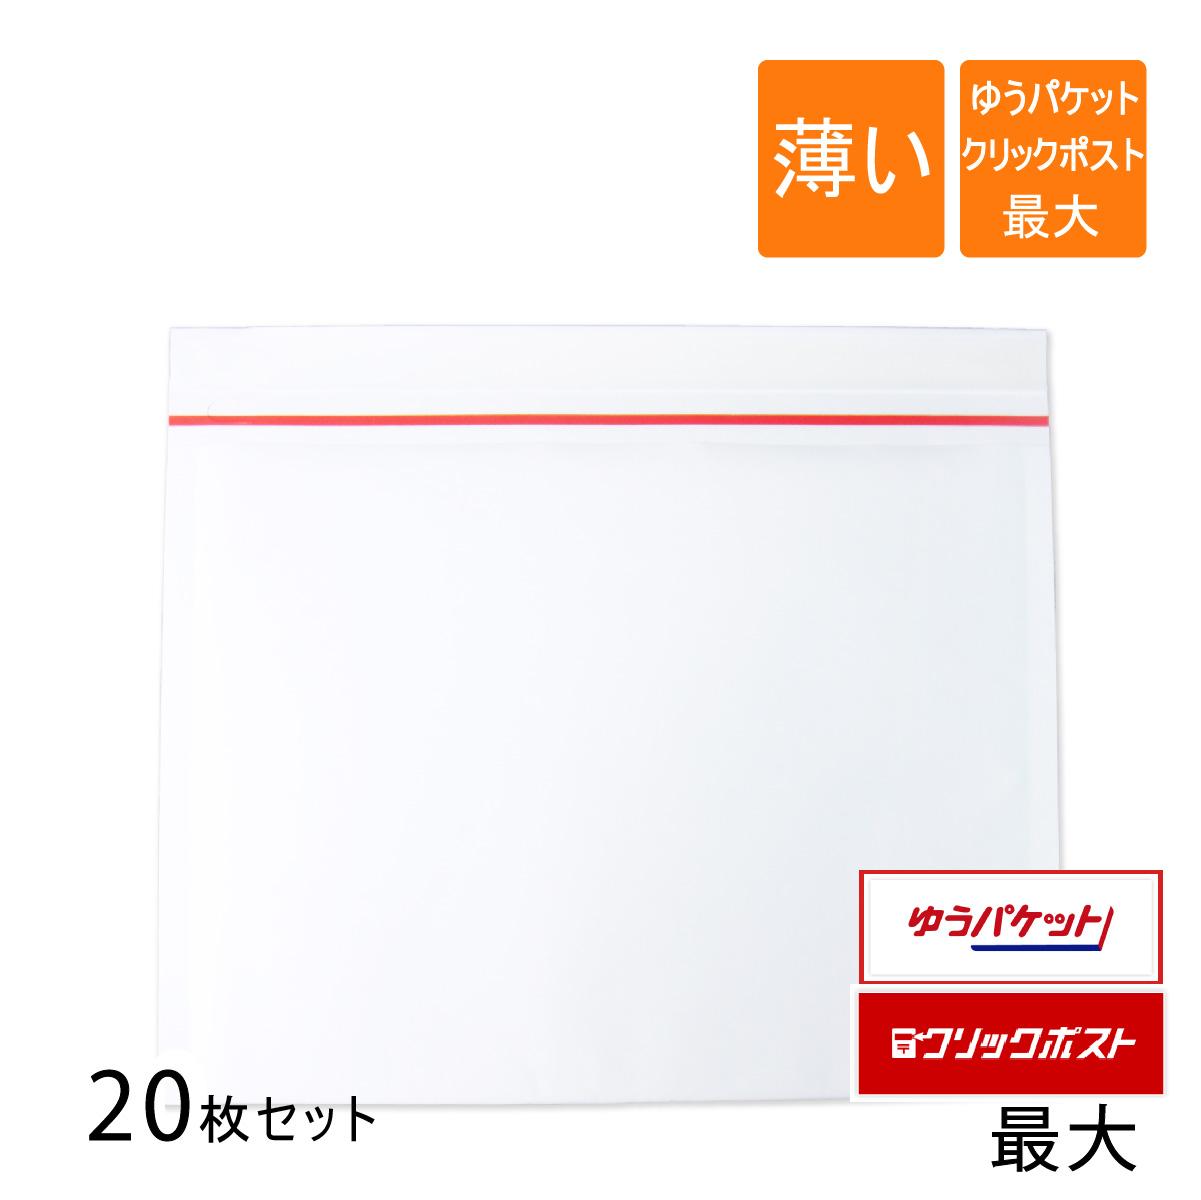 20枚 クリックポスト ゆうパケット最大 クッション封筒 内寸315×225mm 薄いクッション封筒 卓越 新着 白色 直輸入で激安